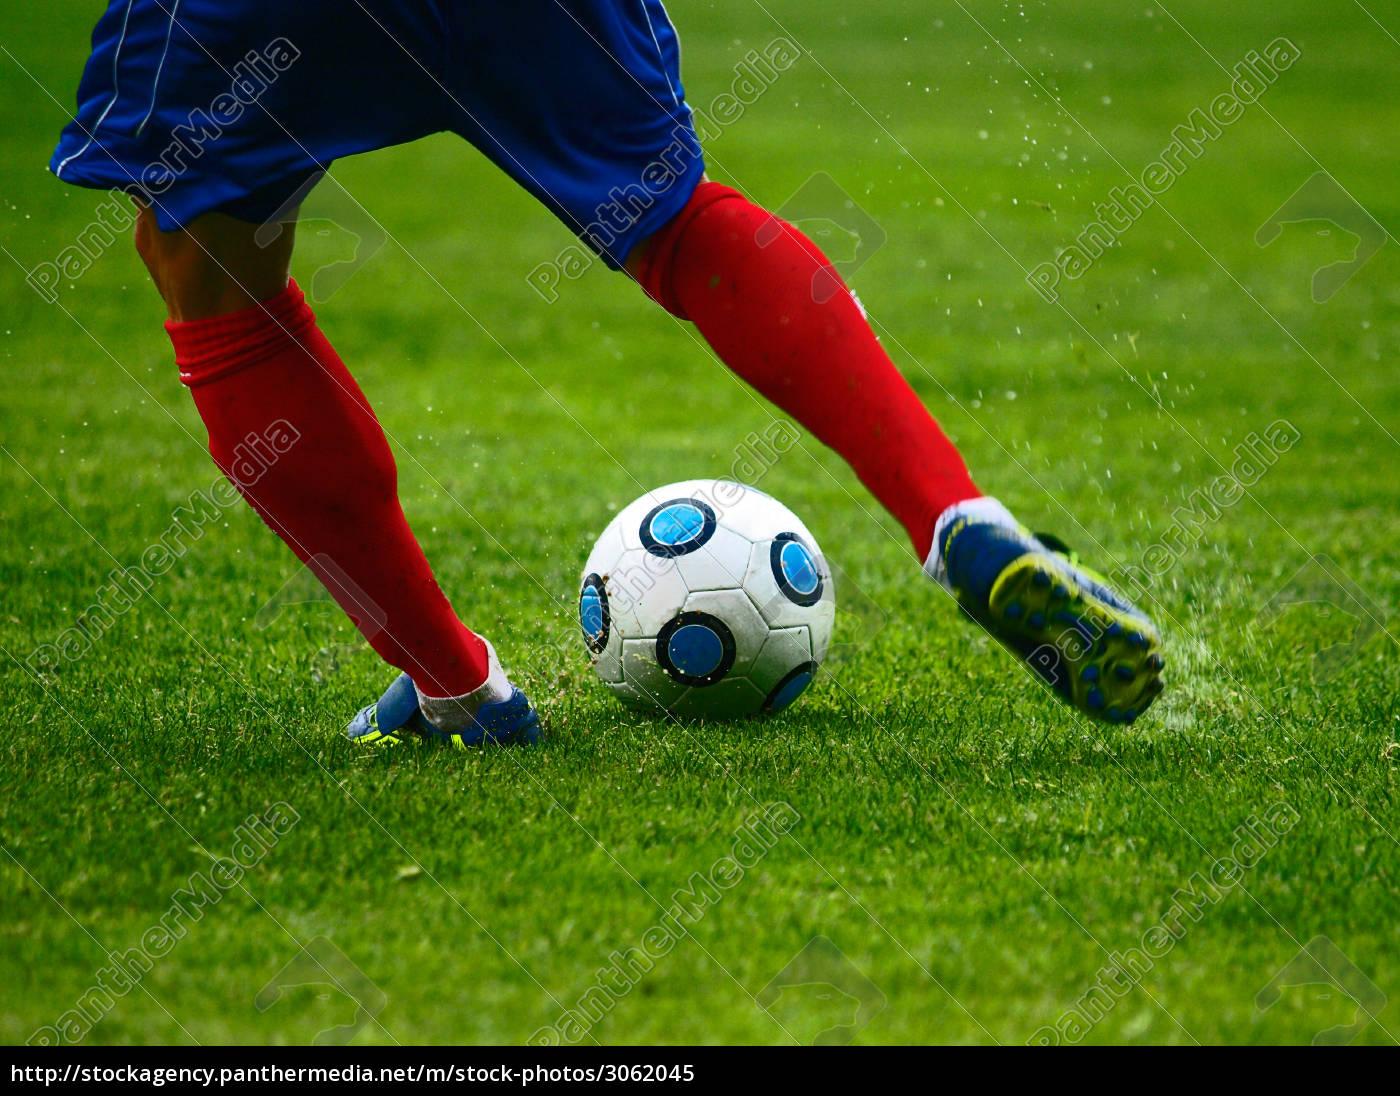 free, kick, sport, sports, soccer, football - 3062045